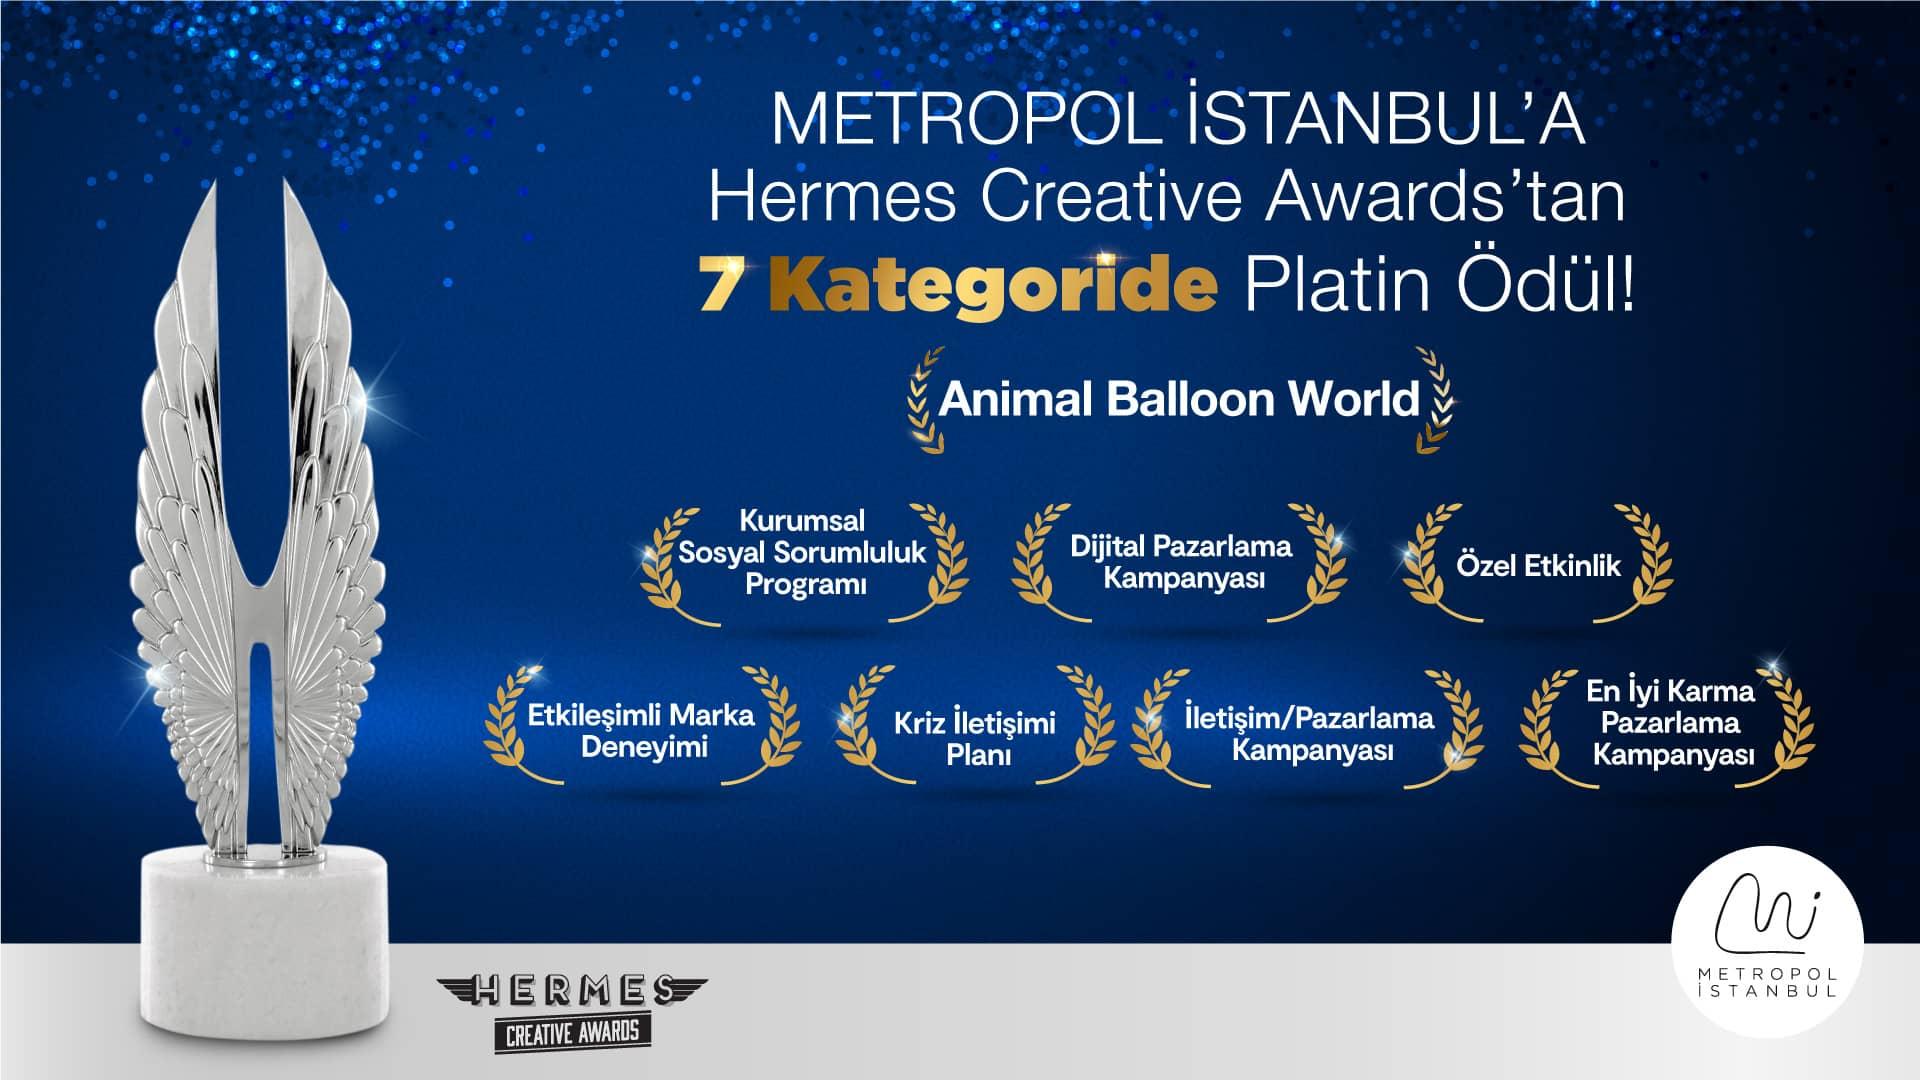 Metropol İstanbul, Hermes Ödülleri'nde 7 Ayrı Kategoride Platin Ödül Kazandı!